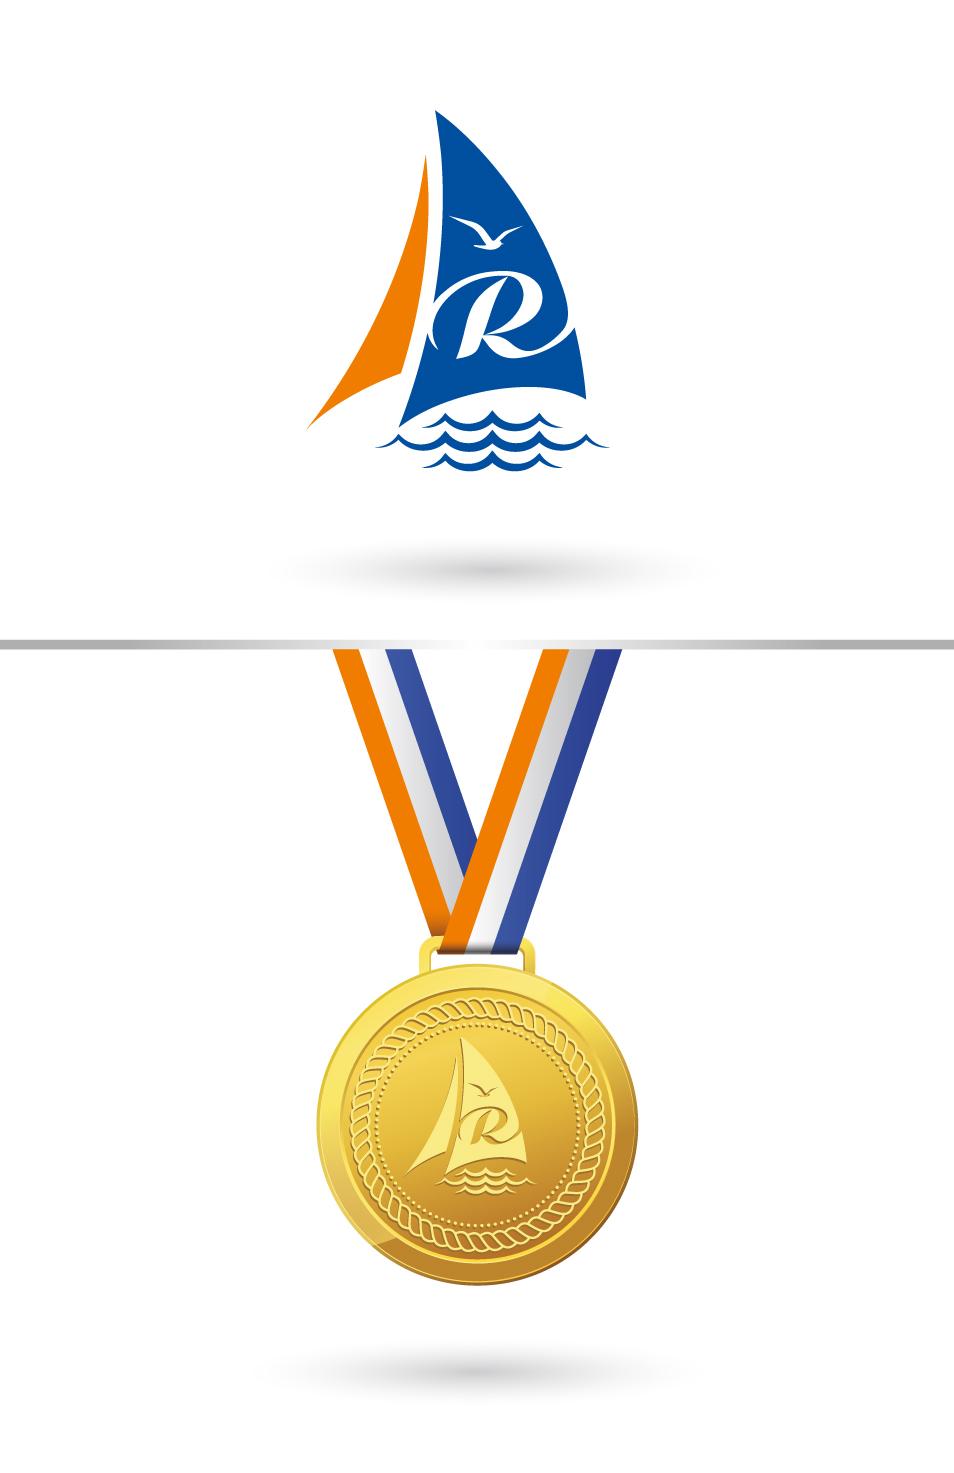 Разработка логотипа корпоративной парусной регаты фото f_7995c0f0b2e1db40.jpg